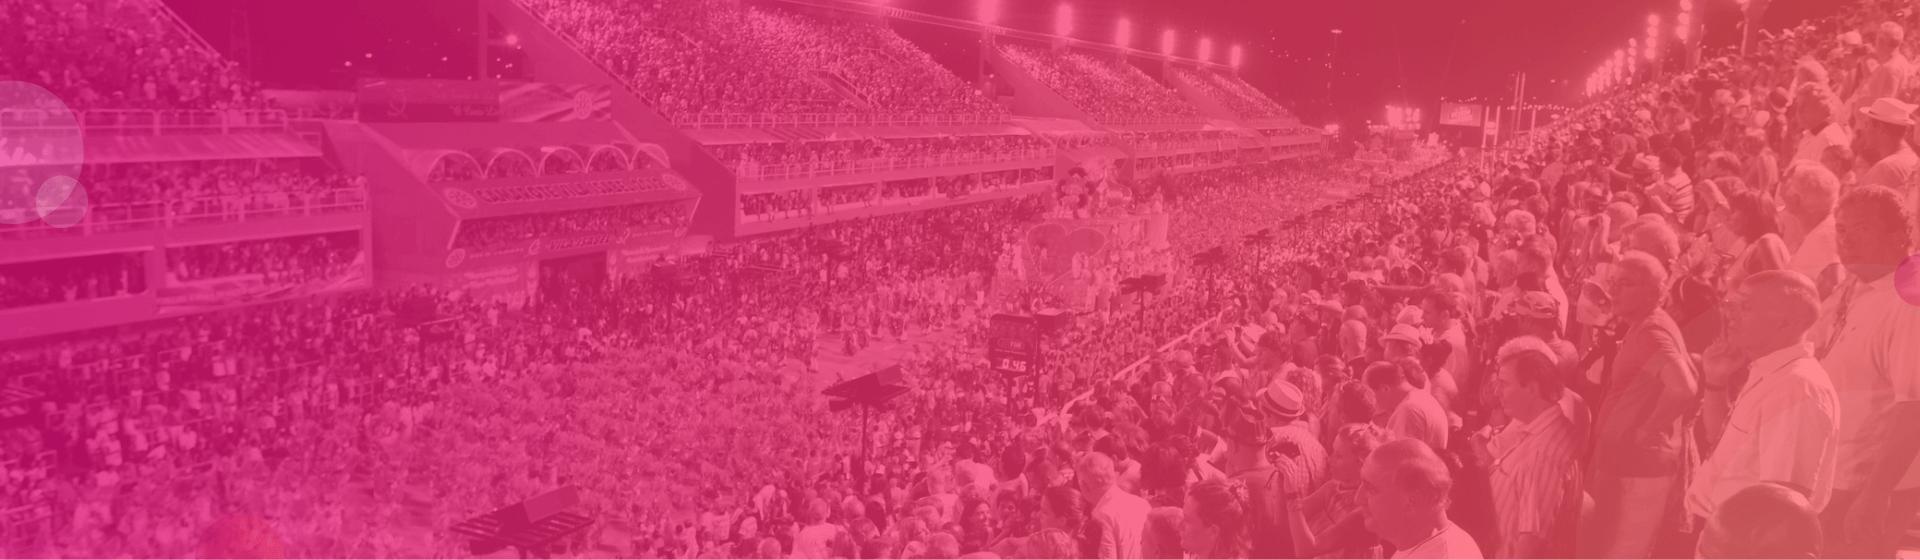 Les Célébrations Carnavalesques de Sao Paulo